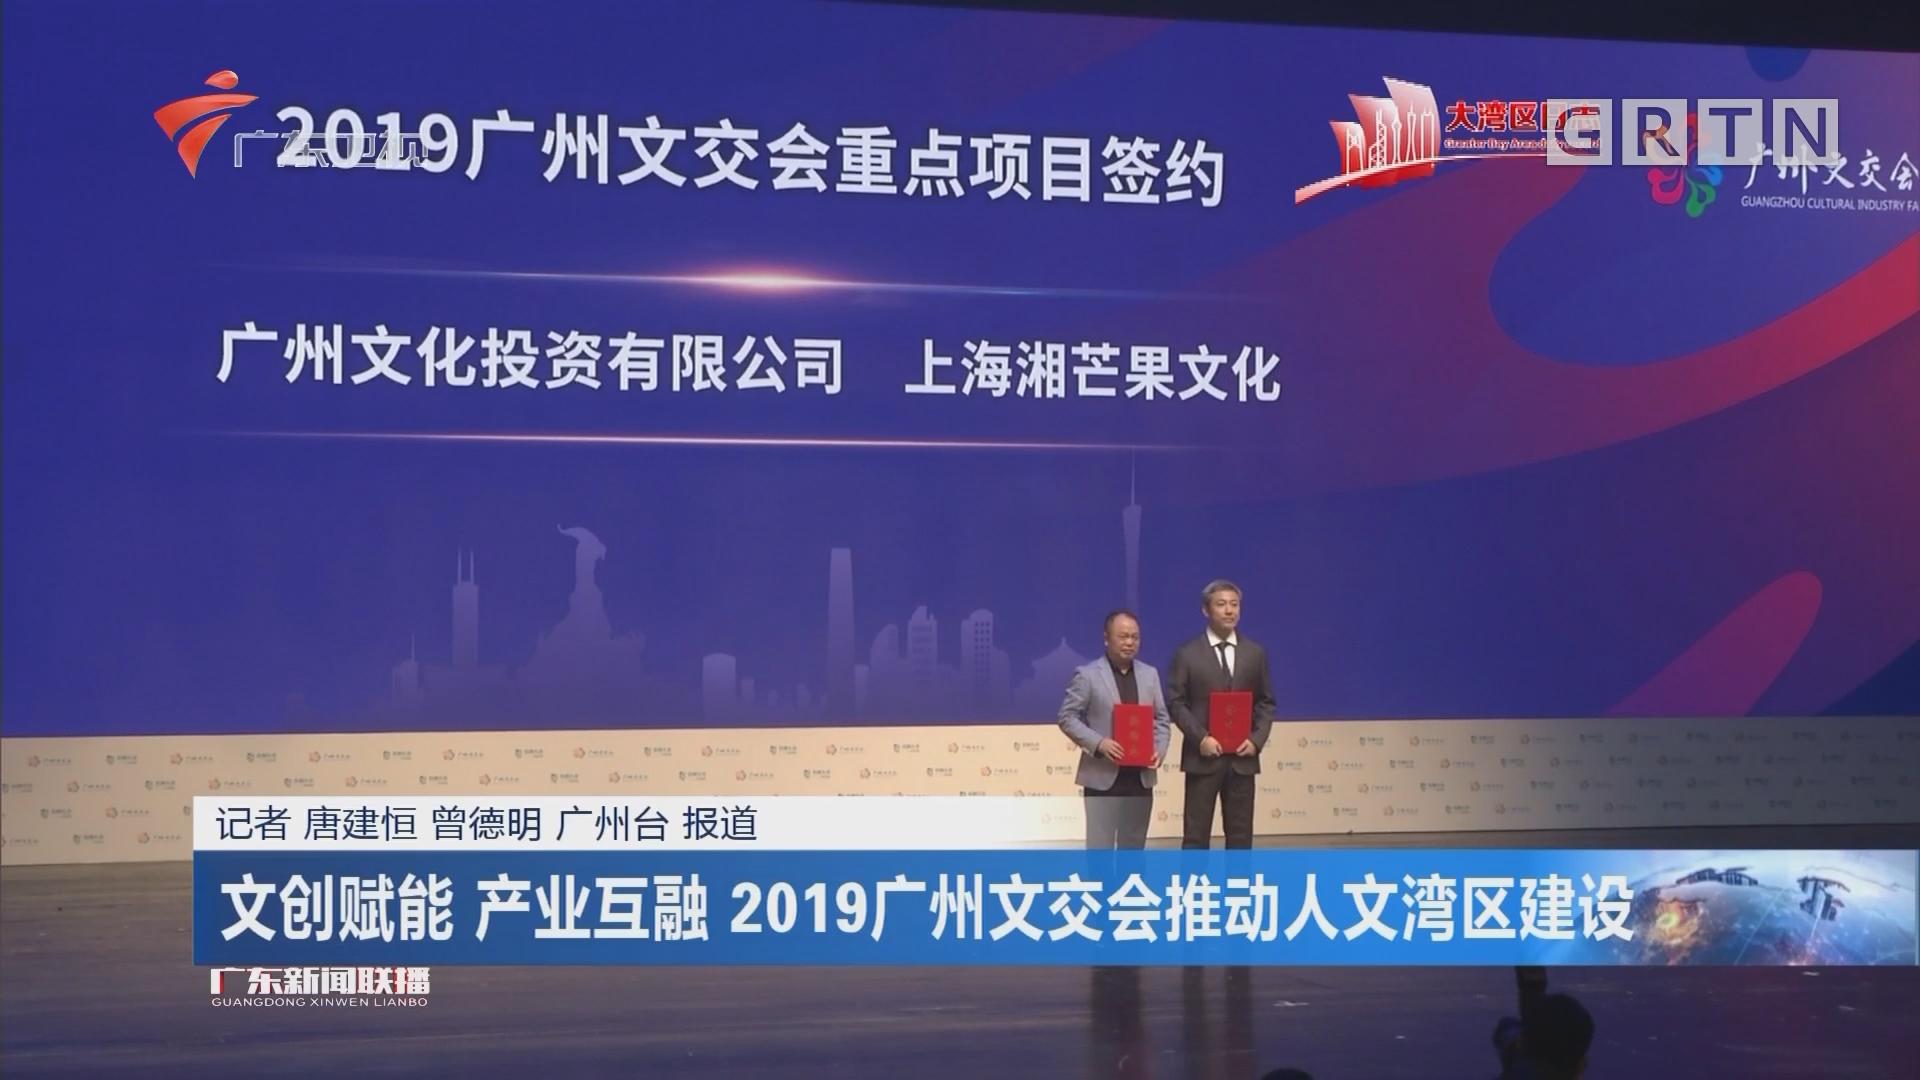 文创赋能 产业互融 2019广州文交会推动人文湾区建设